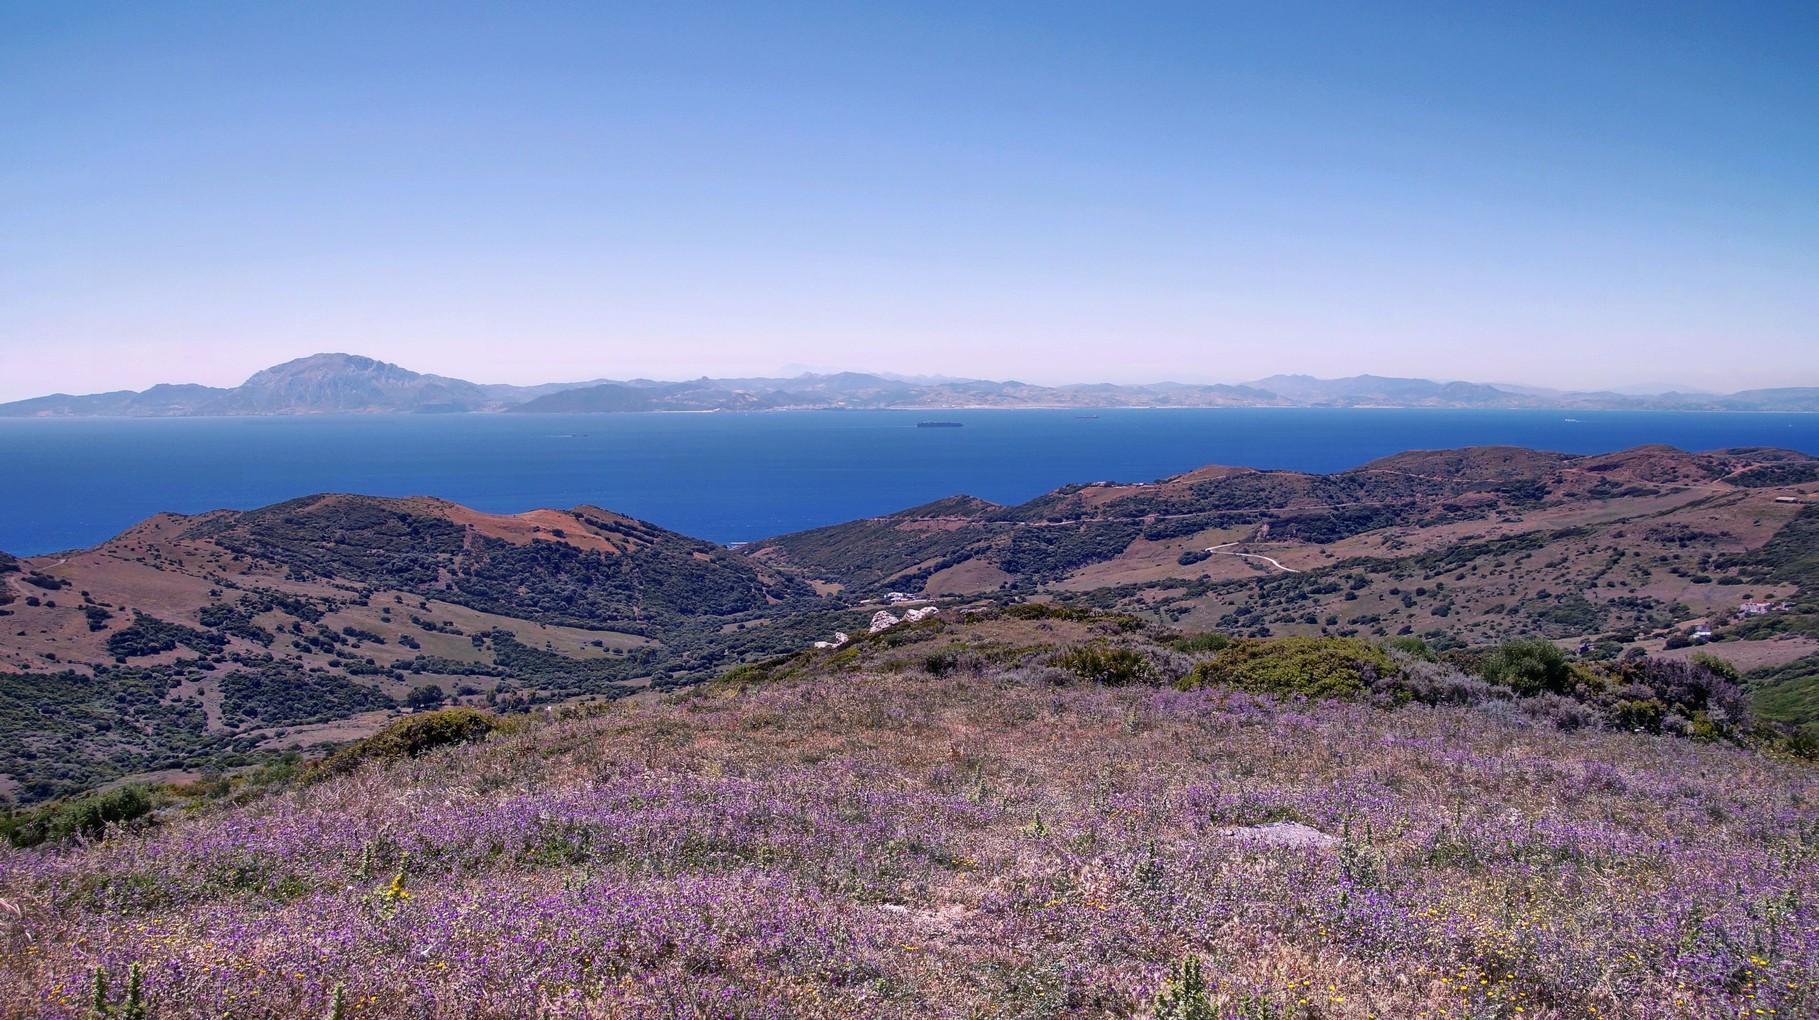 <B>Nur 16 km breit ist die Meerenge von Gibraltar.</B>